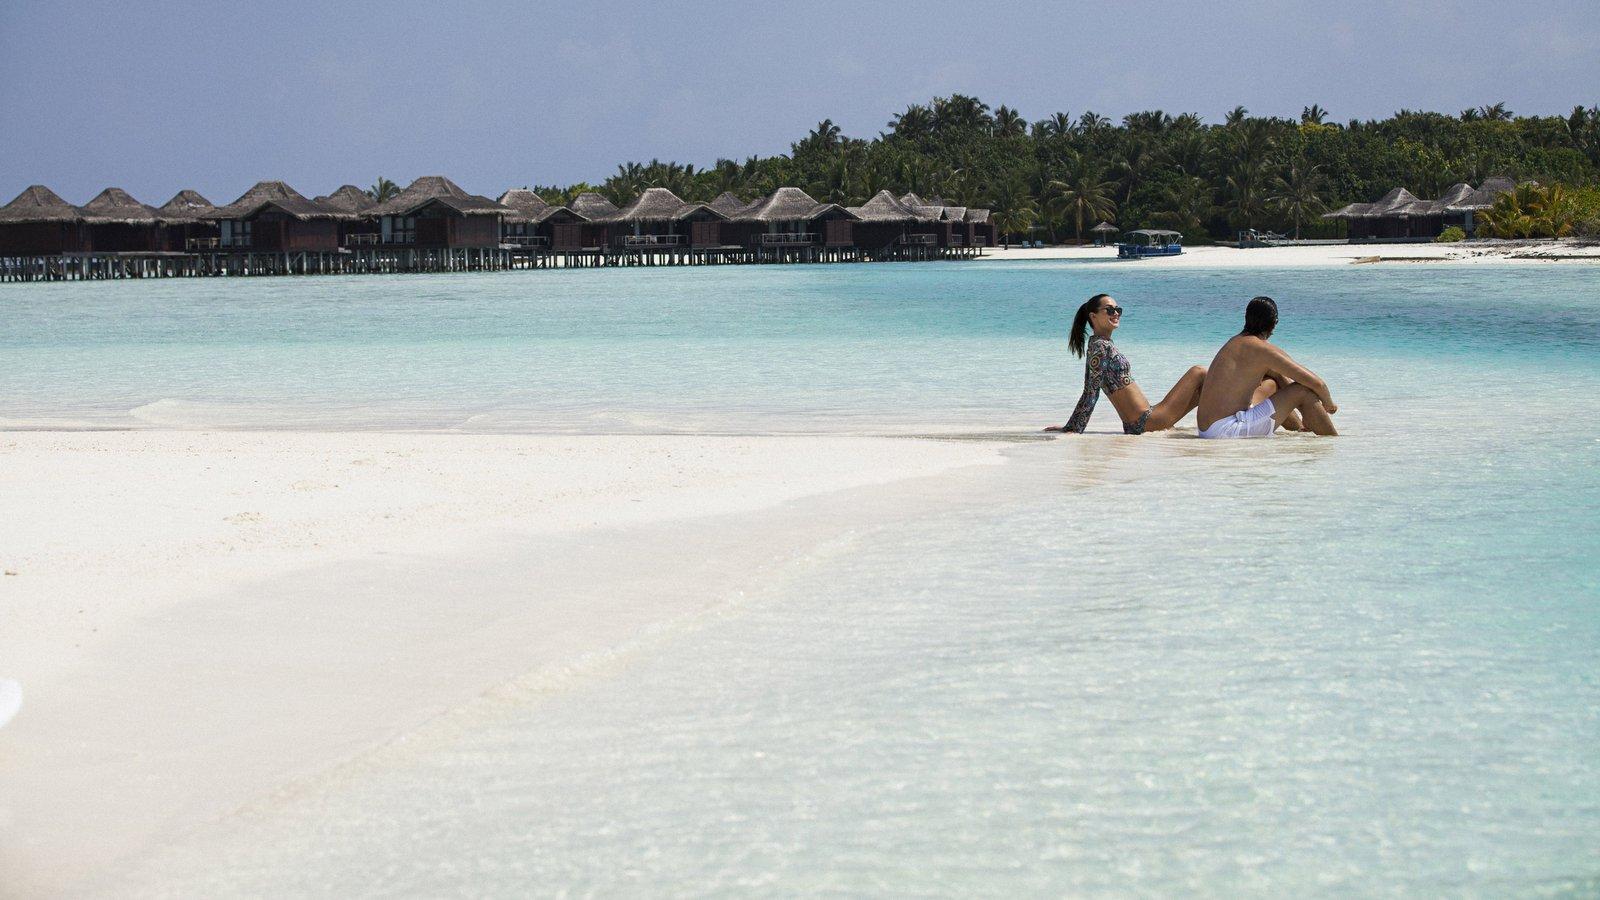 Мальдивы, отель Anantara Veli Resort, пляж